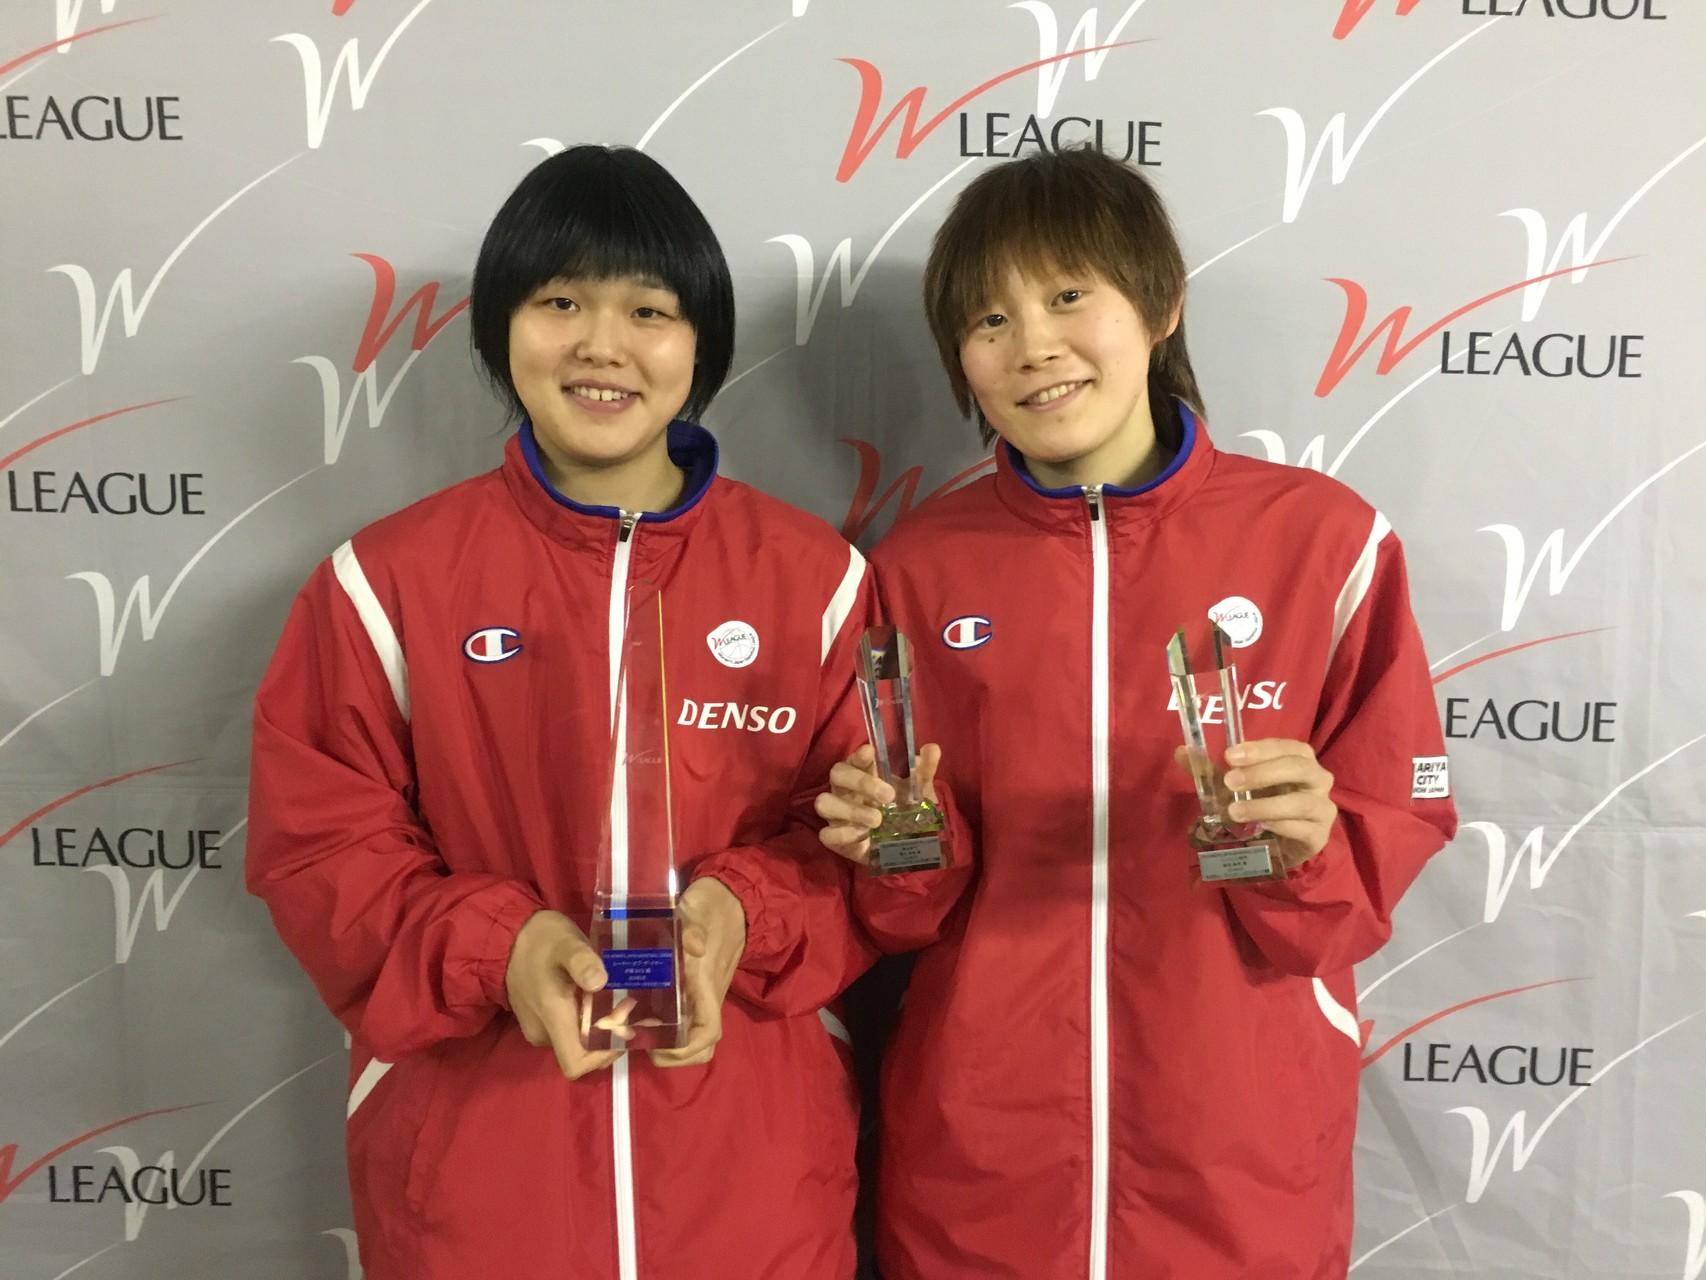 髙田真希選手と赤穂さくら選手2人で記念撮影!受賞おめでとう!